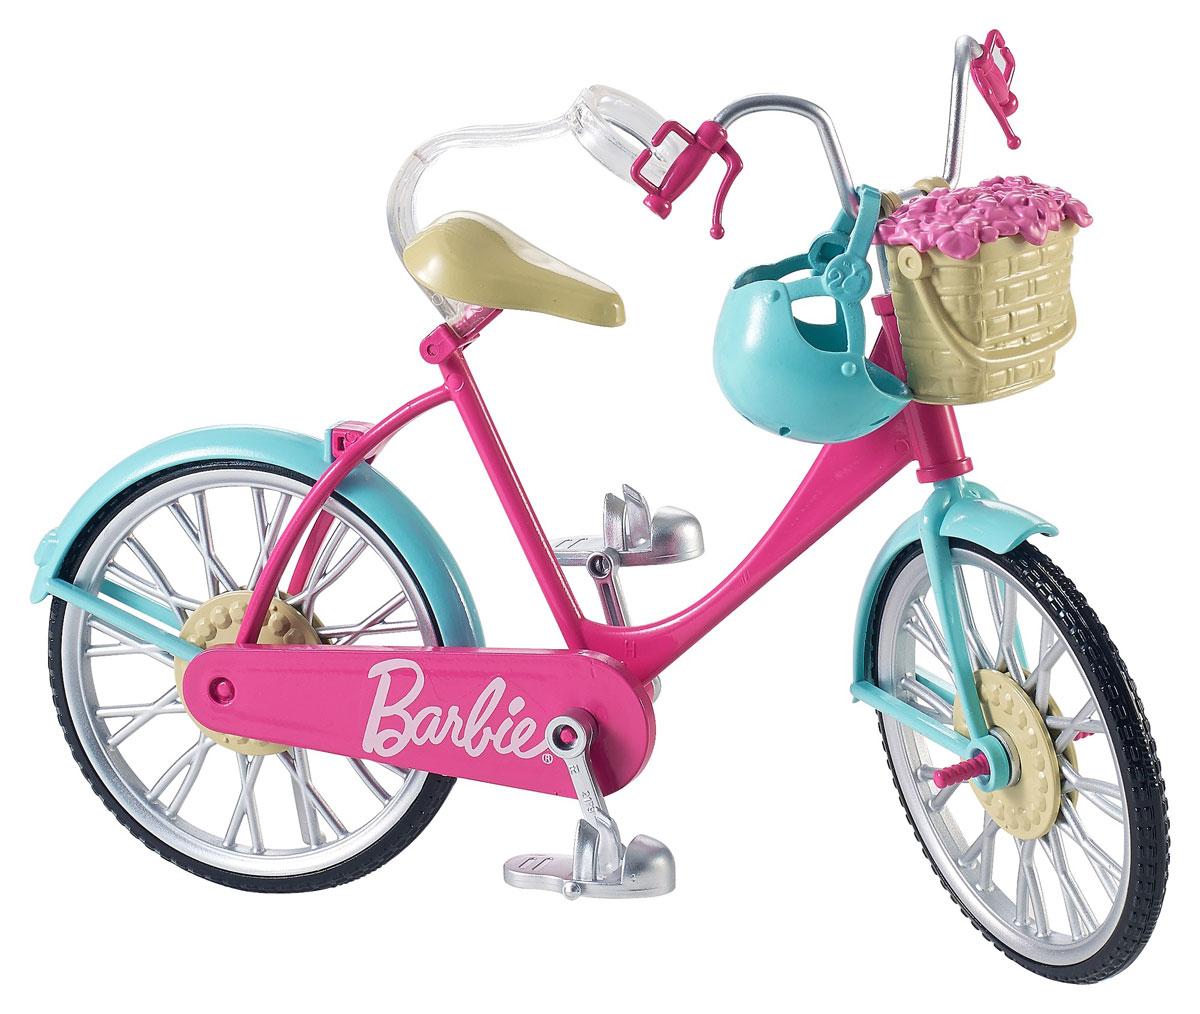 Barbie Велосипед для куклыDVX55Включайте свое воображение и прокатитесь на велосипеде вместе с Barbie! Розовый корпус, бирюзовые щитки и серебристые детали делают велосипед невероятно милым. Педали и колеса крутятся, как у настоящего велосипеда. Посадите куклу Barbie (продается отдельно) на велосипед и специальная застежка удержит ее в седле. Шлем предохраняет куклу от повреждений. Украсьте велосипед, повесив спереди корзинку с цветами. В комплекте: велосипед с корзинкой цветов, шлем и другие аксессуары.